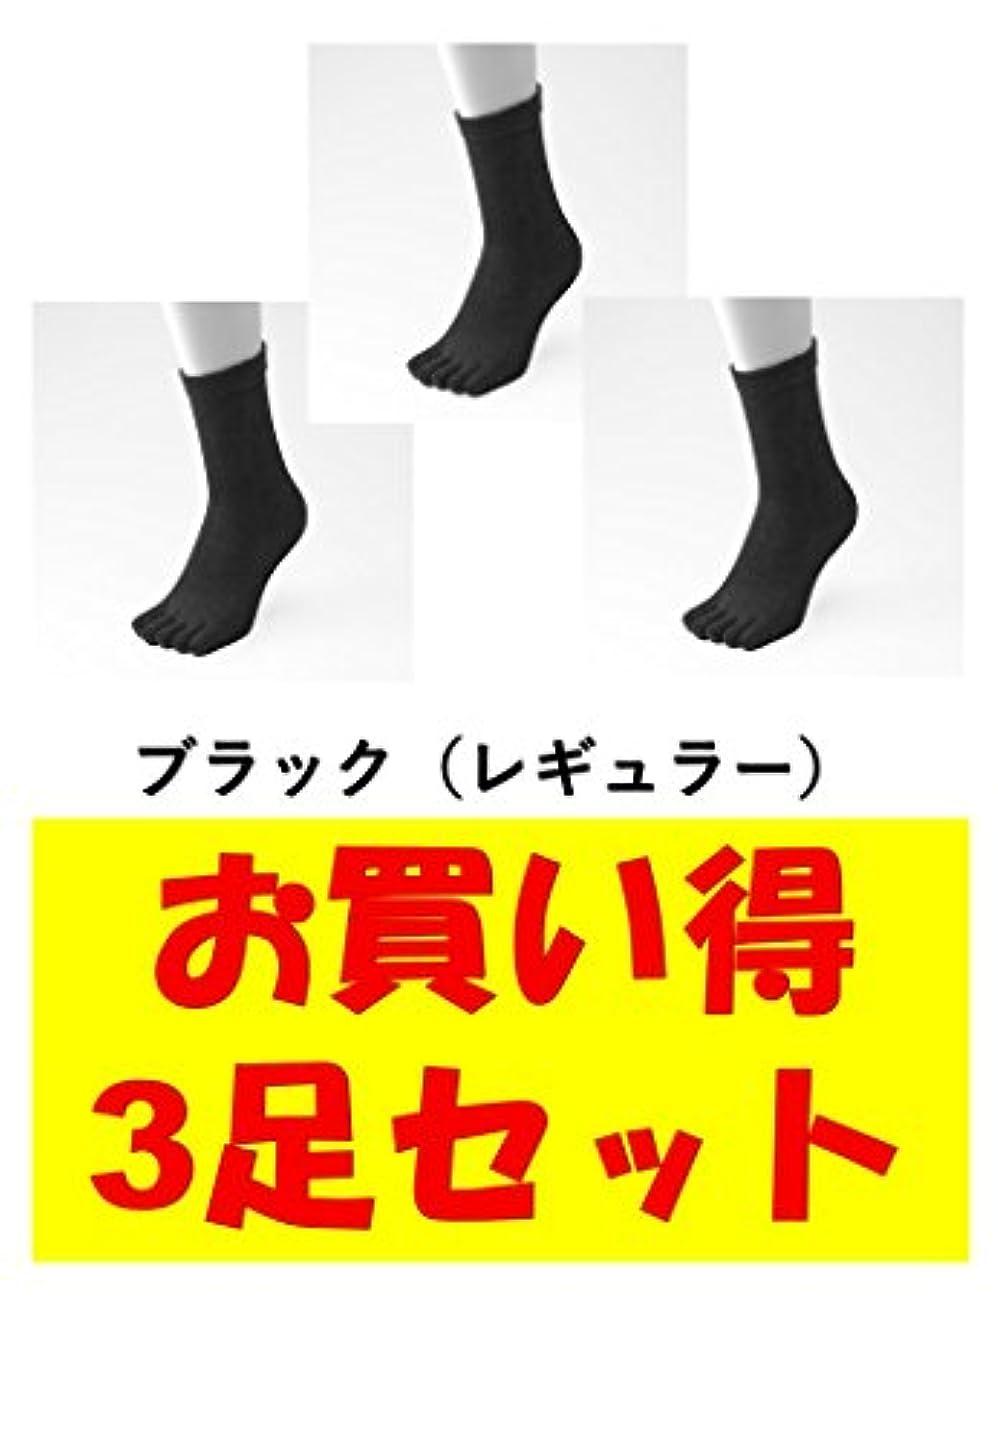 デコードする社会学縫うお買い得3足セット 5本指 ゆびのばソックス ゆびのばレギュラー ブラック 女性用 22.0cm-25.5cm HSREGR-BLK